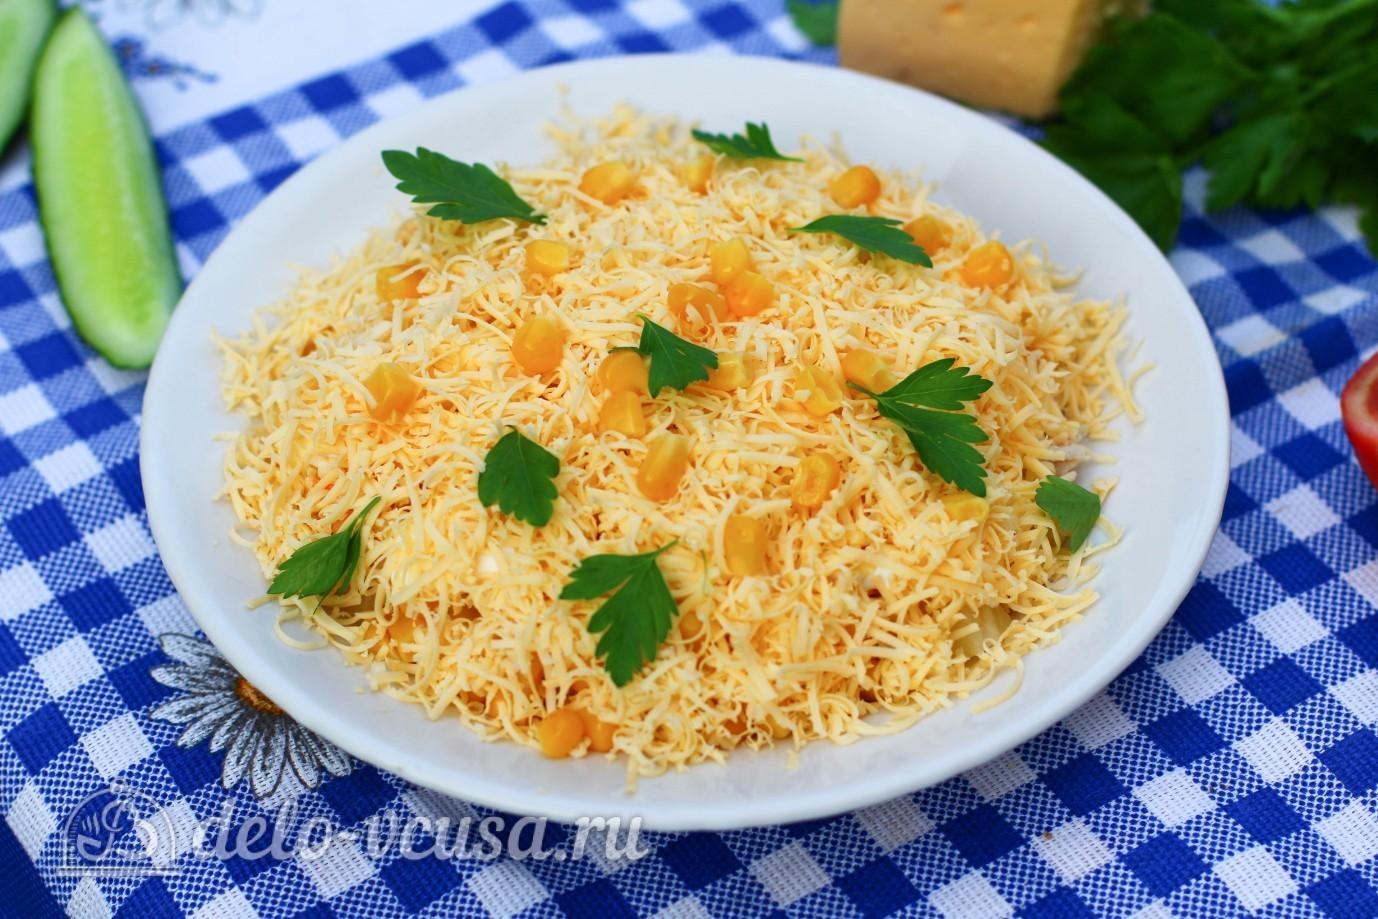 Салат с кукурузой и ананасом и копченой курицей рецепт с